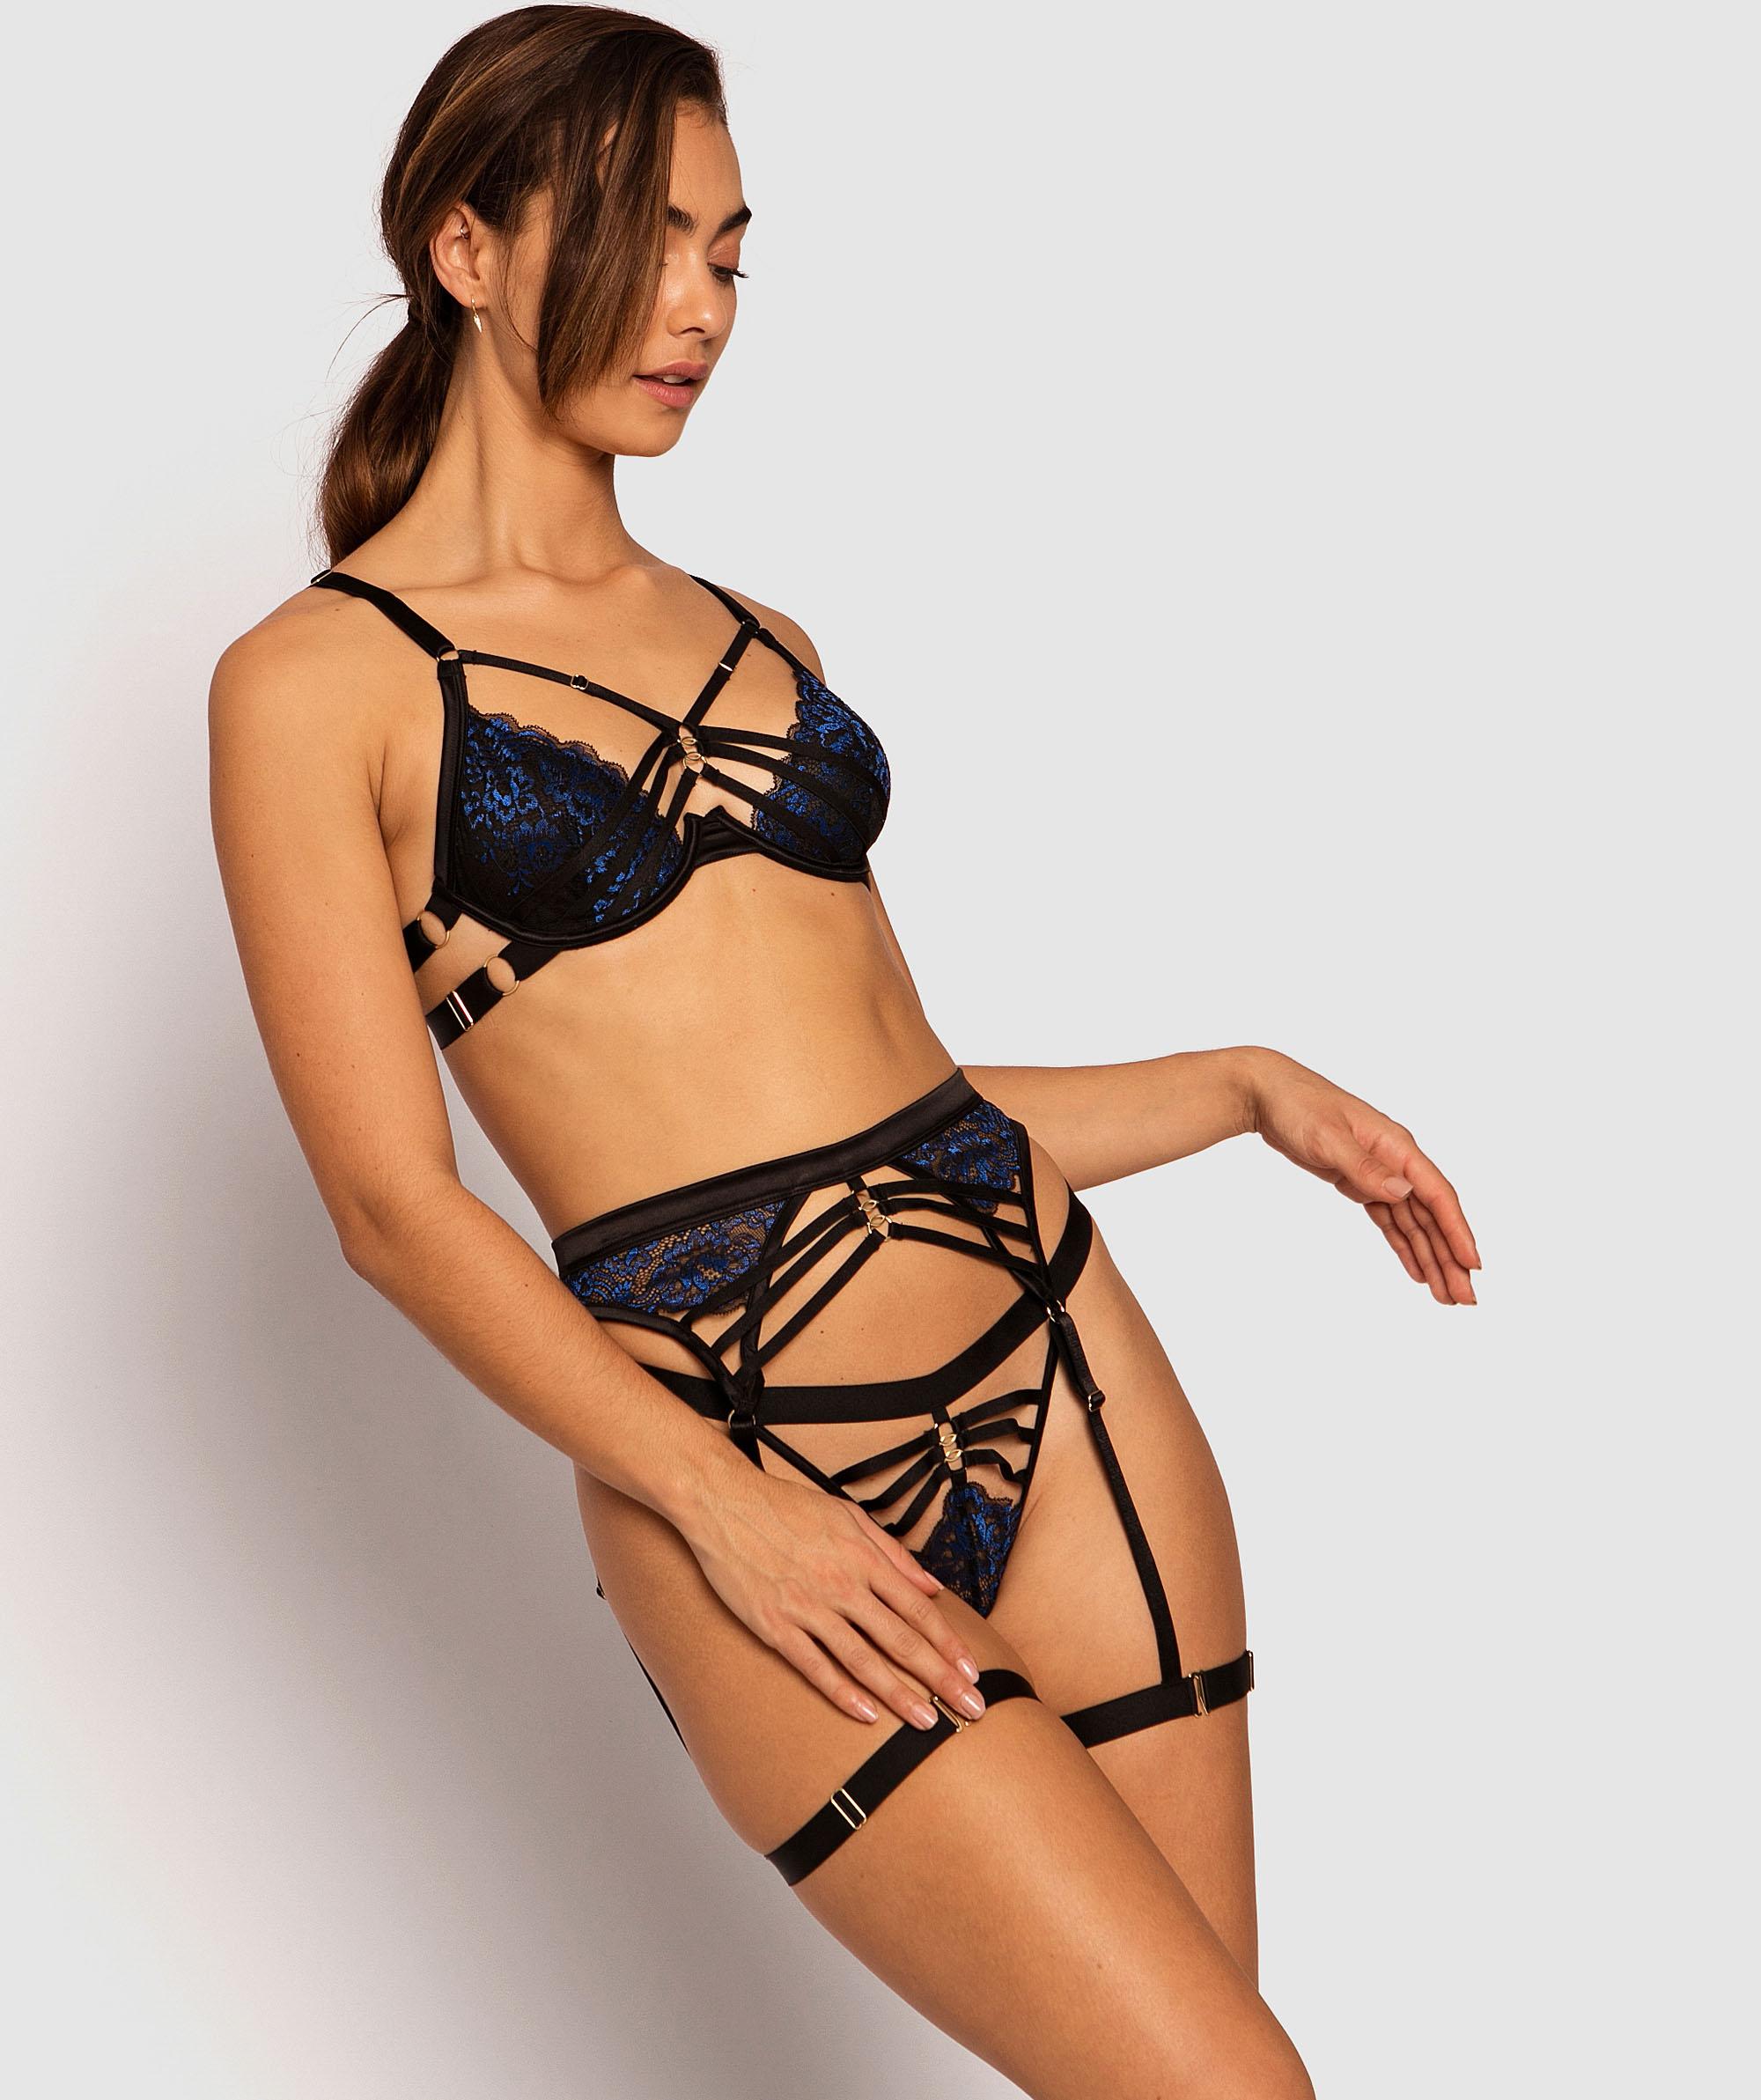 Art Deco Suspender - Black/Cobalt